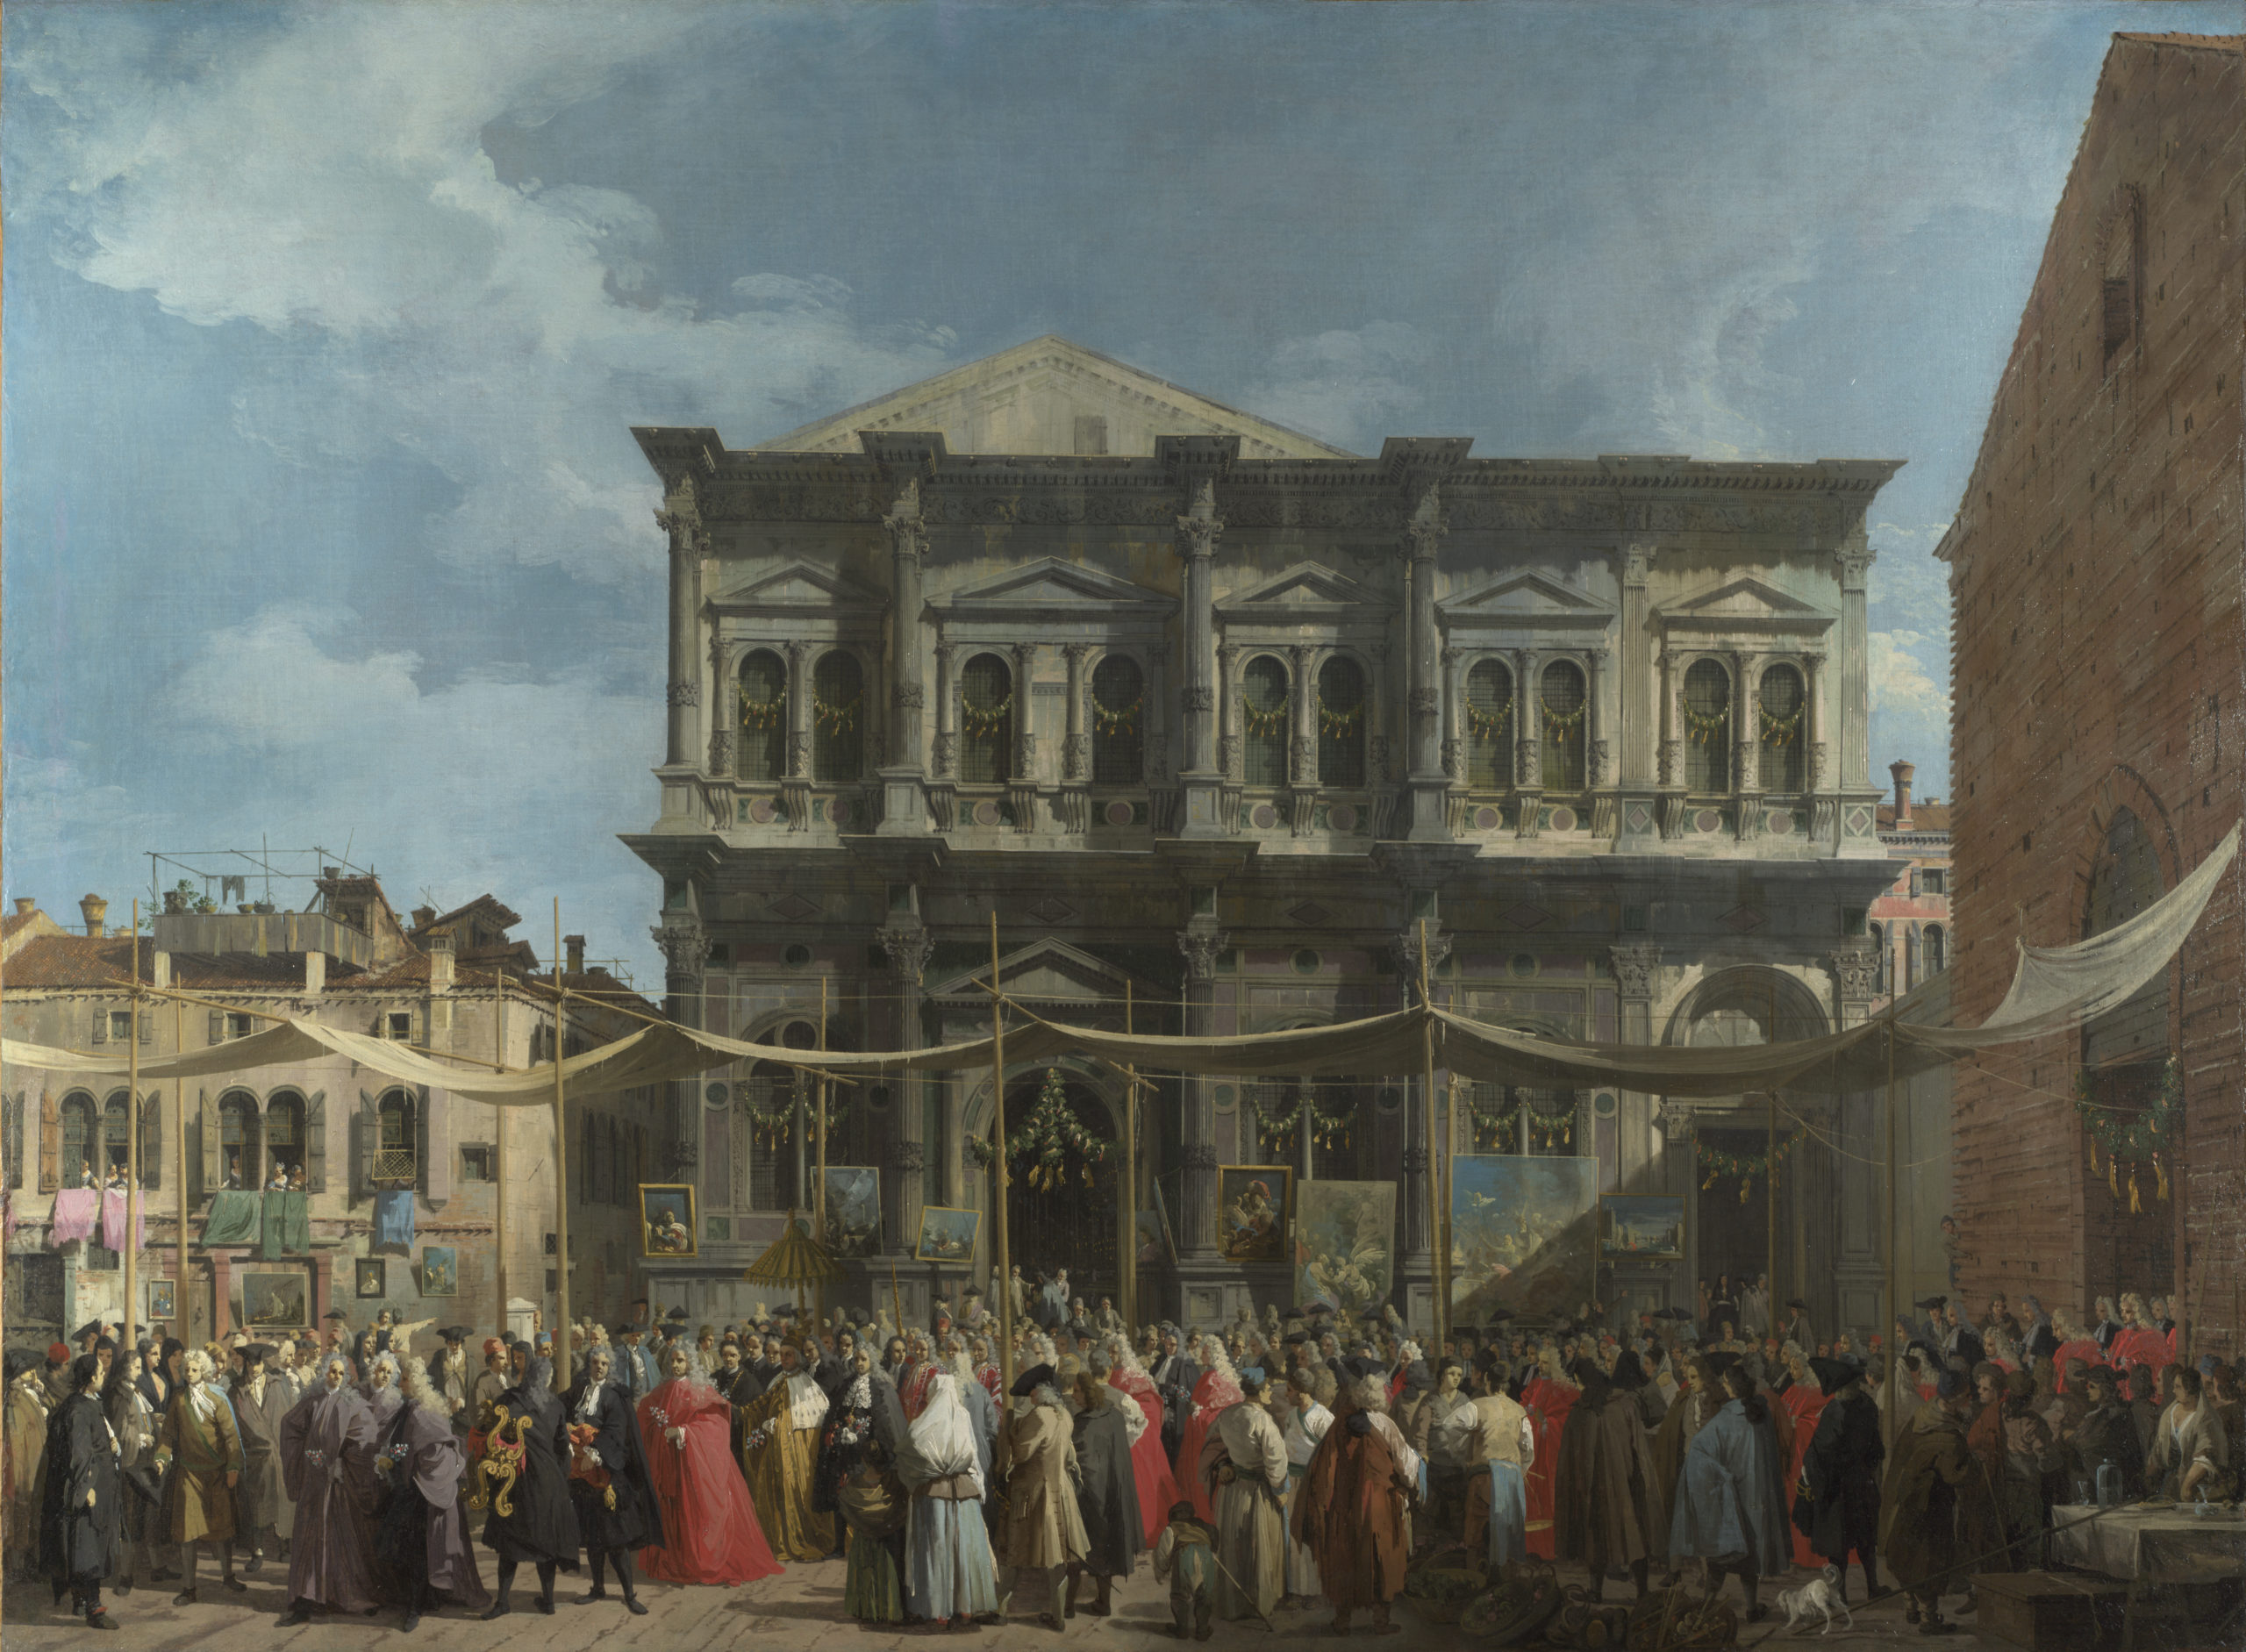 Canaletto, Visita del Doge alla Scuola di San Rocco - 1735, London National Gallery.